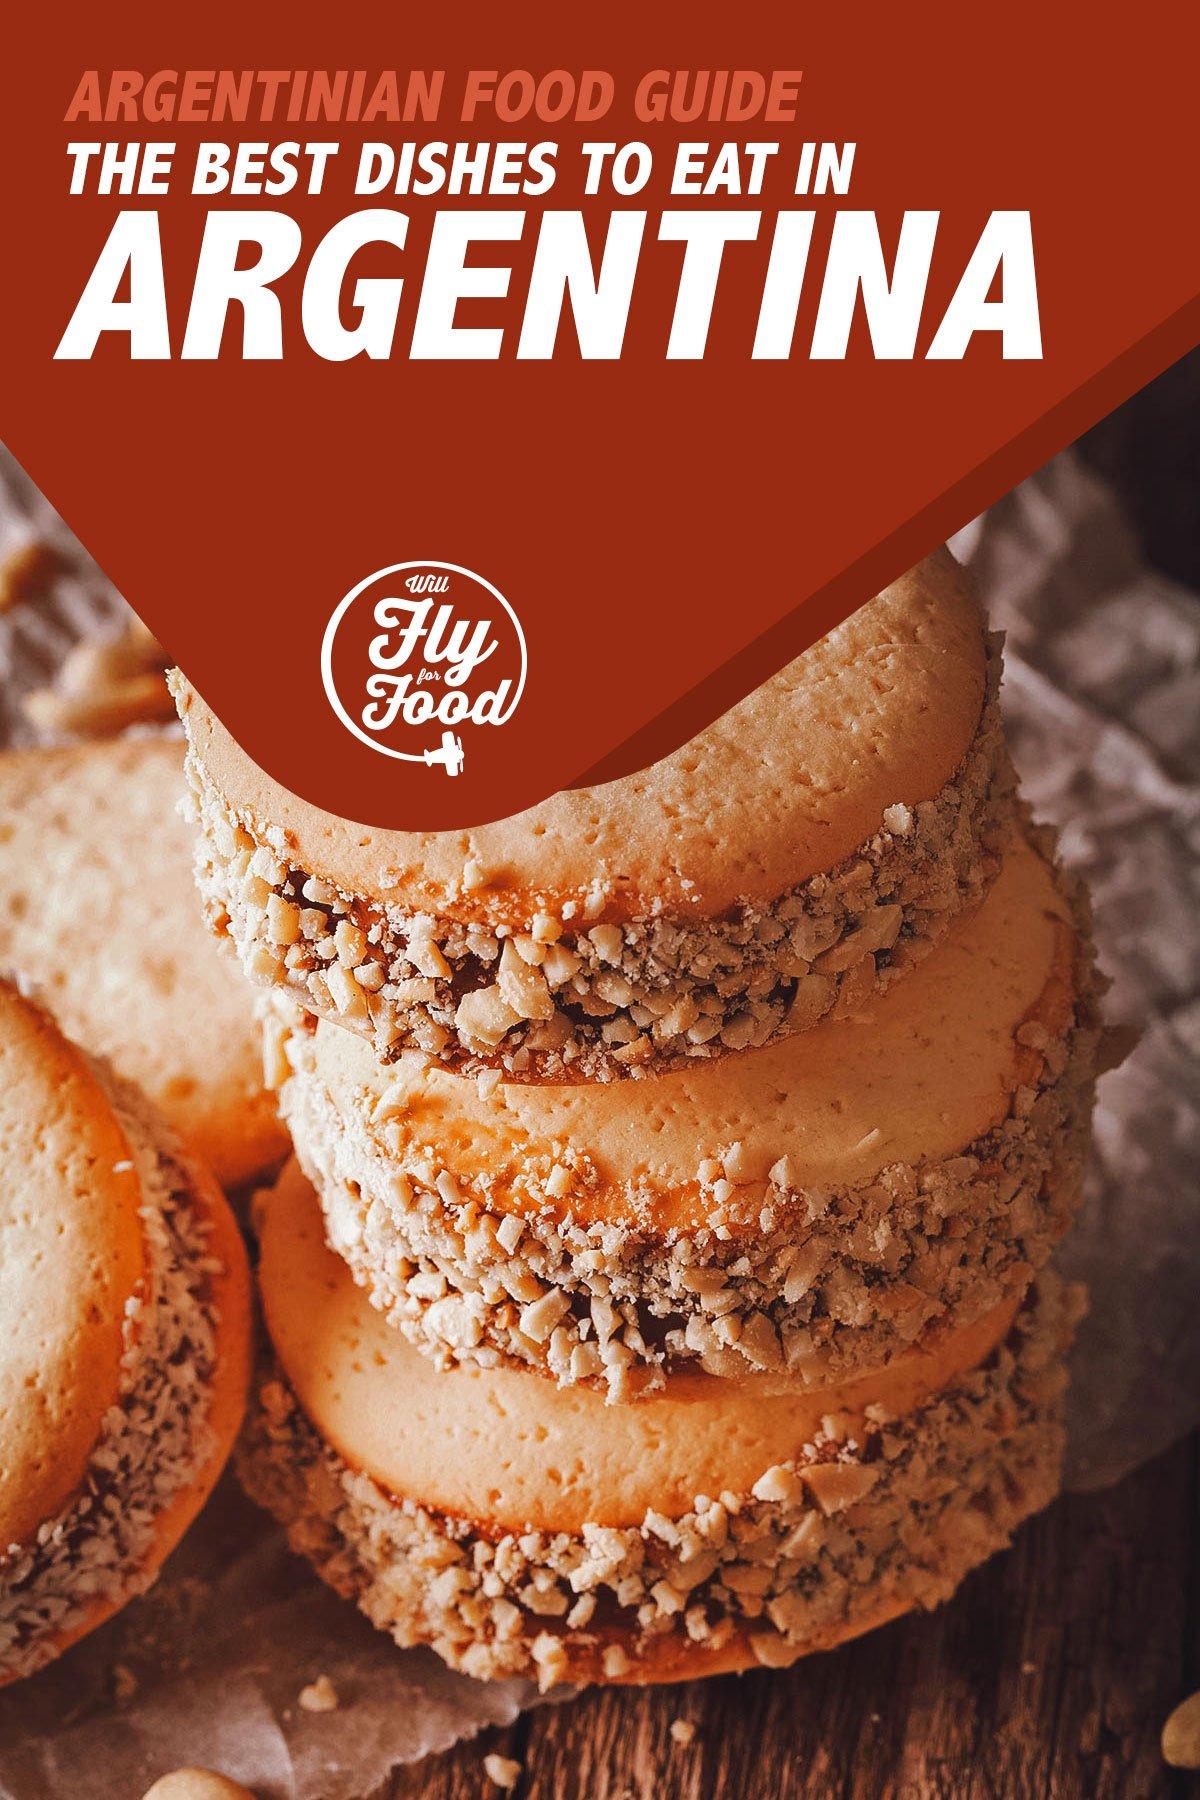 Alfajores, a popular dessert in Argentinian cuisine